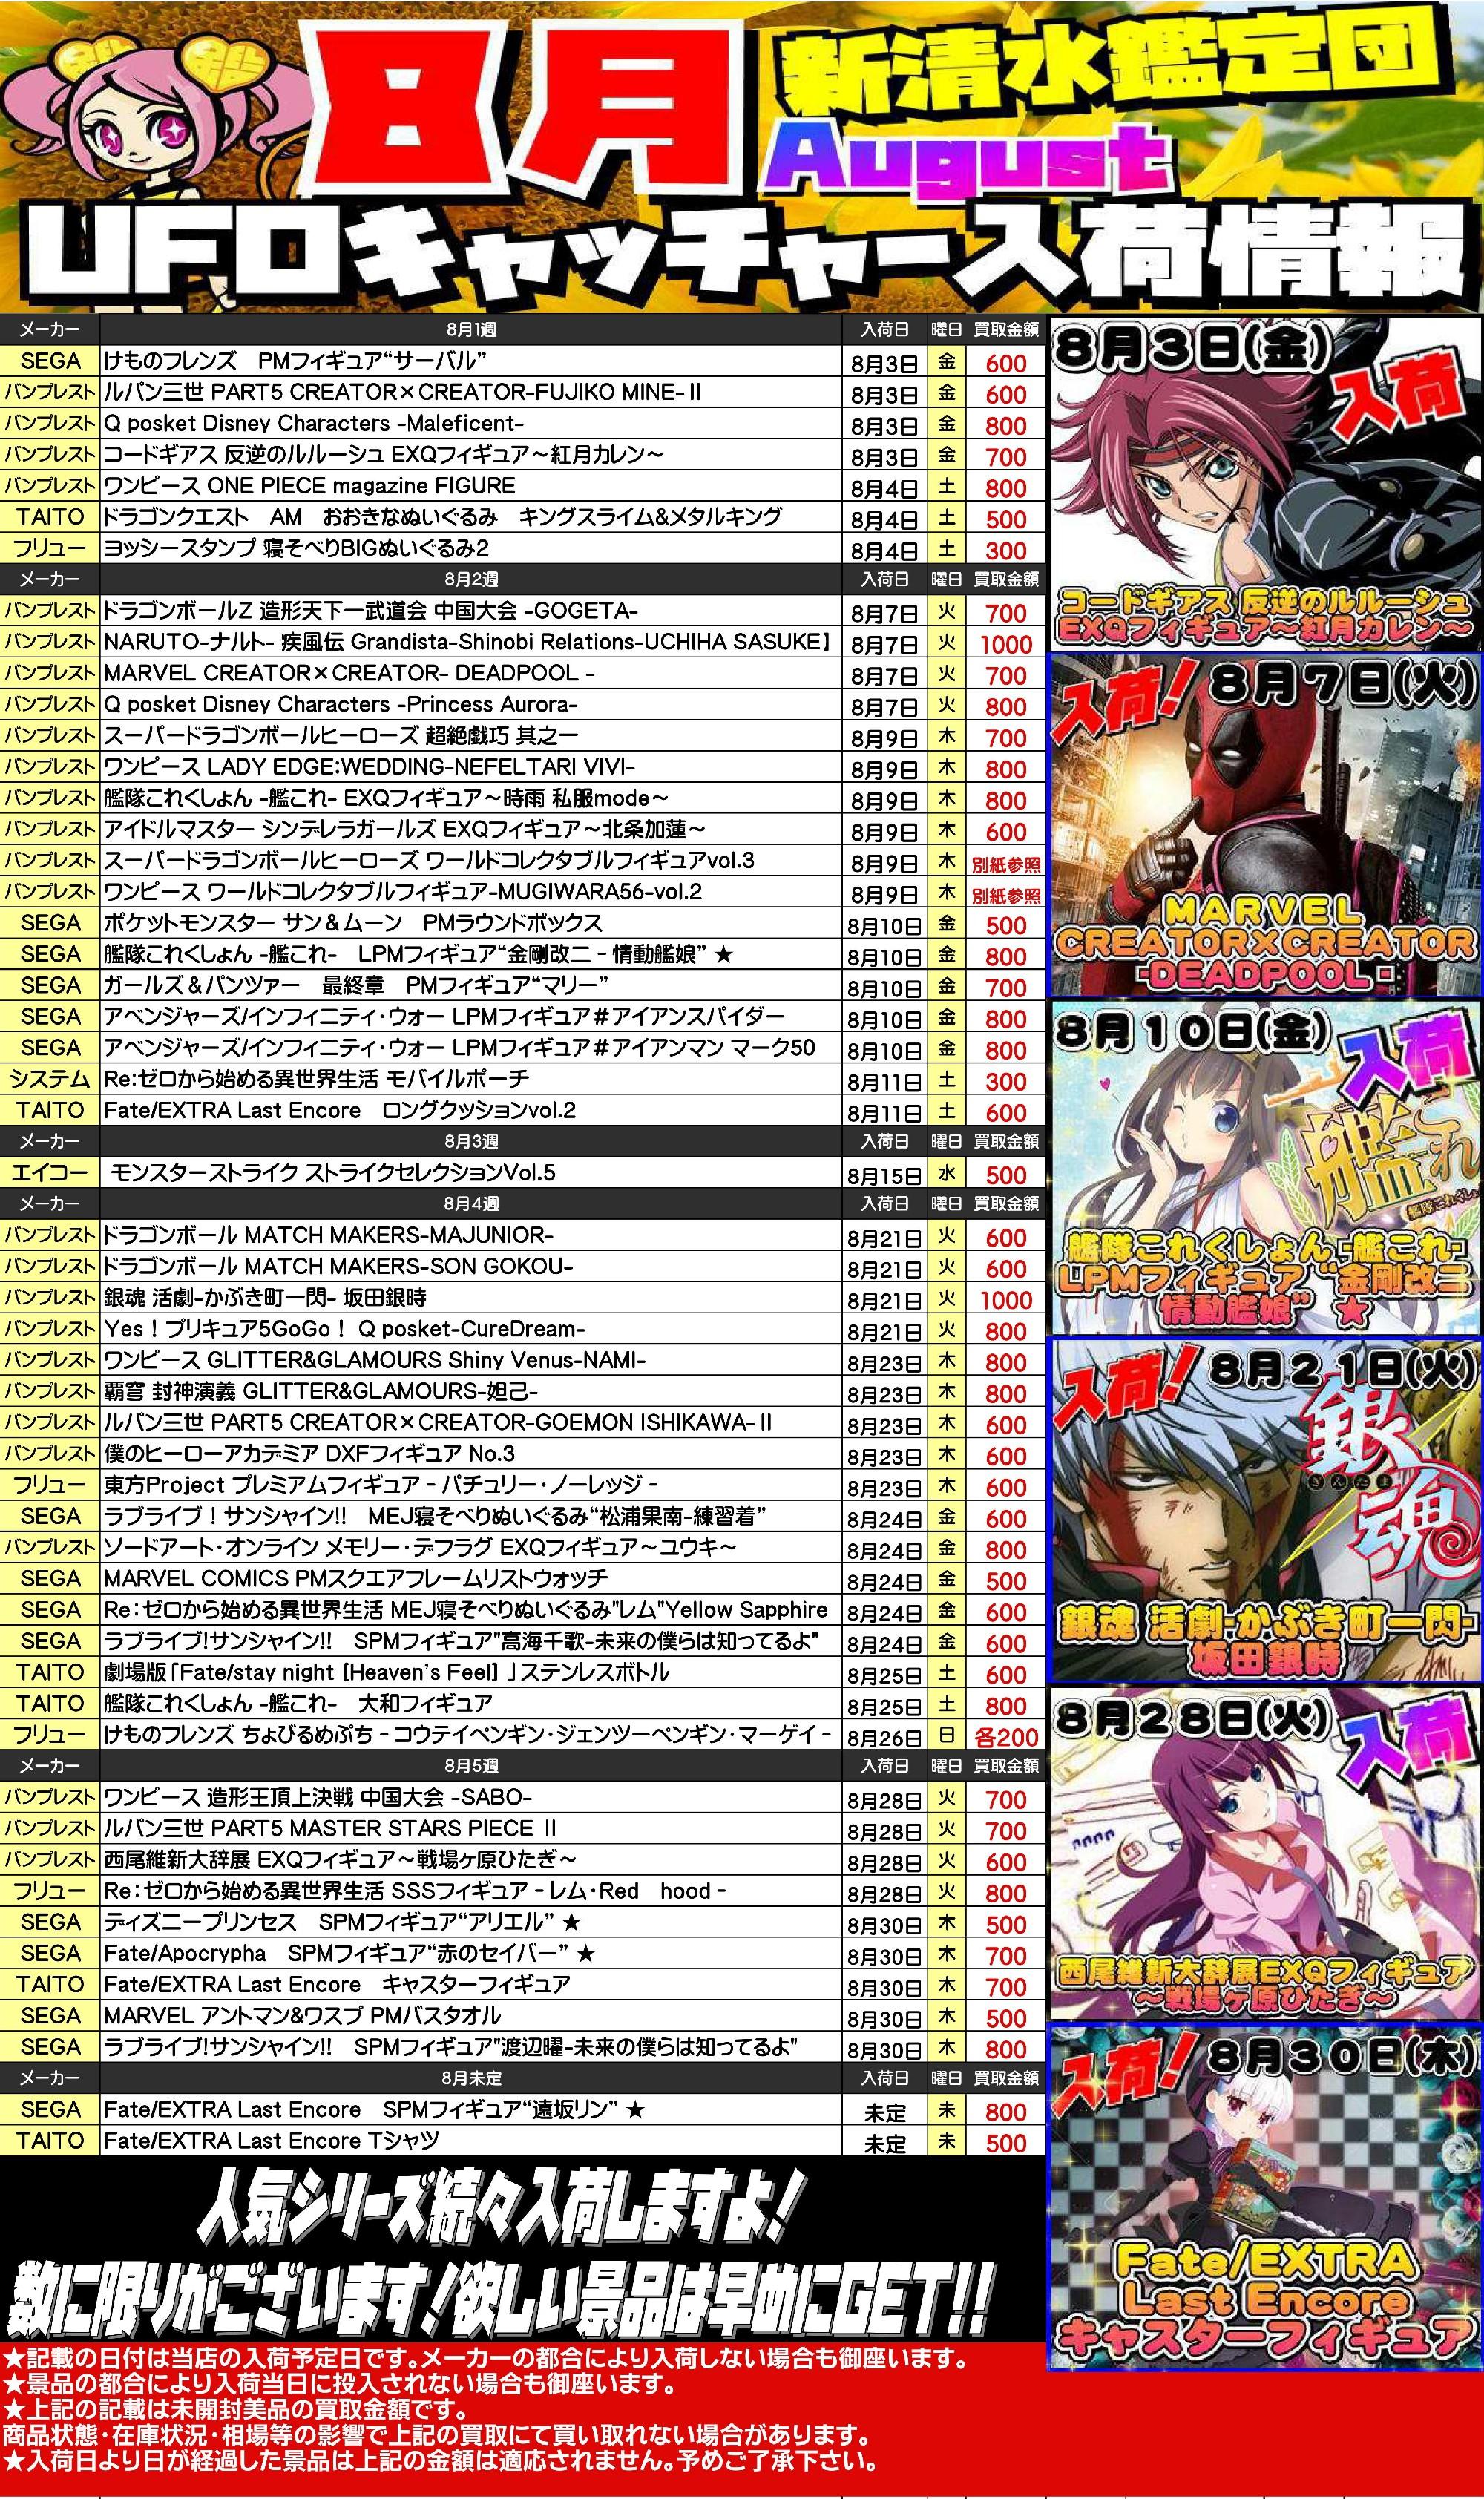 8月UFOキャッチャー景品入荷・買取カレンダーのイメージ